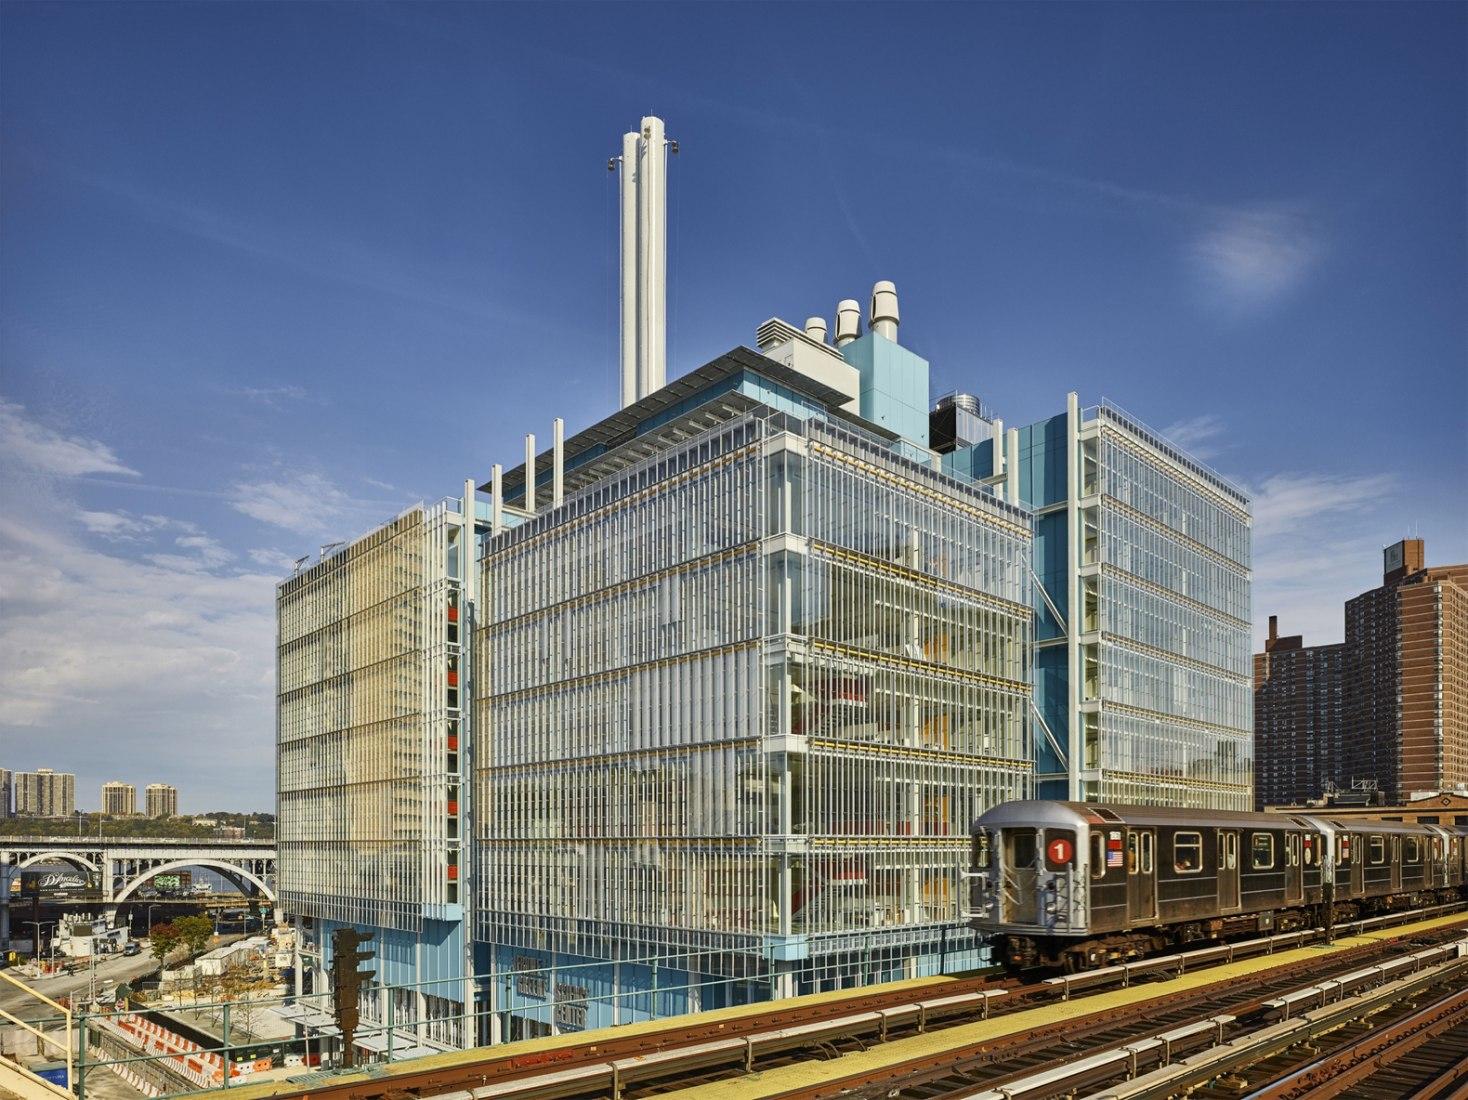 Centro de Ciencias Jerome L. Greene integrado en el Nuevo Masterplan de la Universidad de Columbia por Renzo Piano. Imagen exterior. Fotografía © Columbia University/ Frank Oudeman